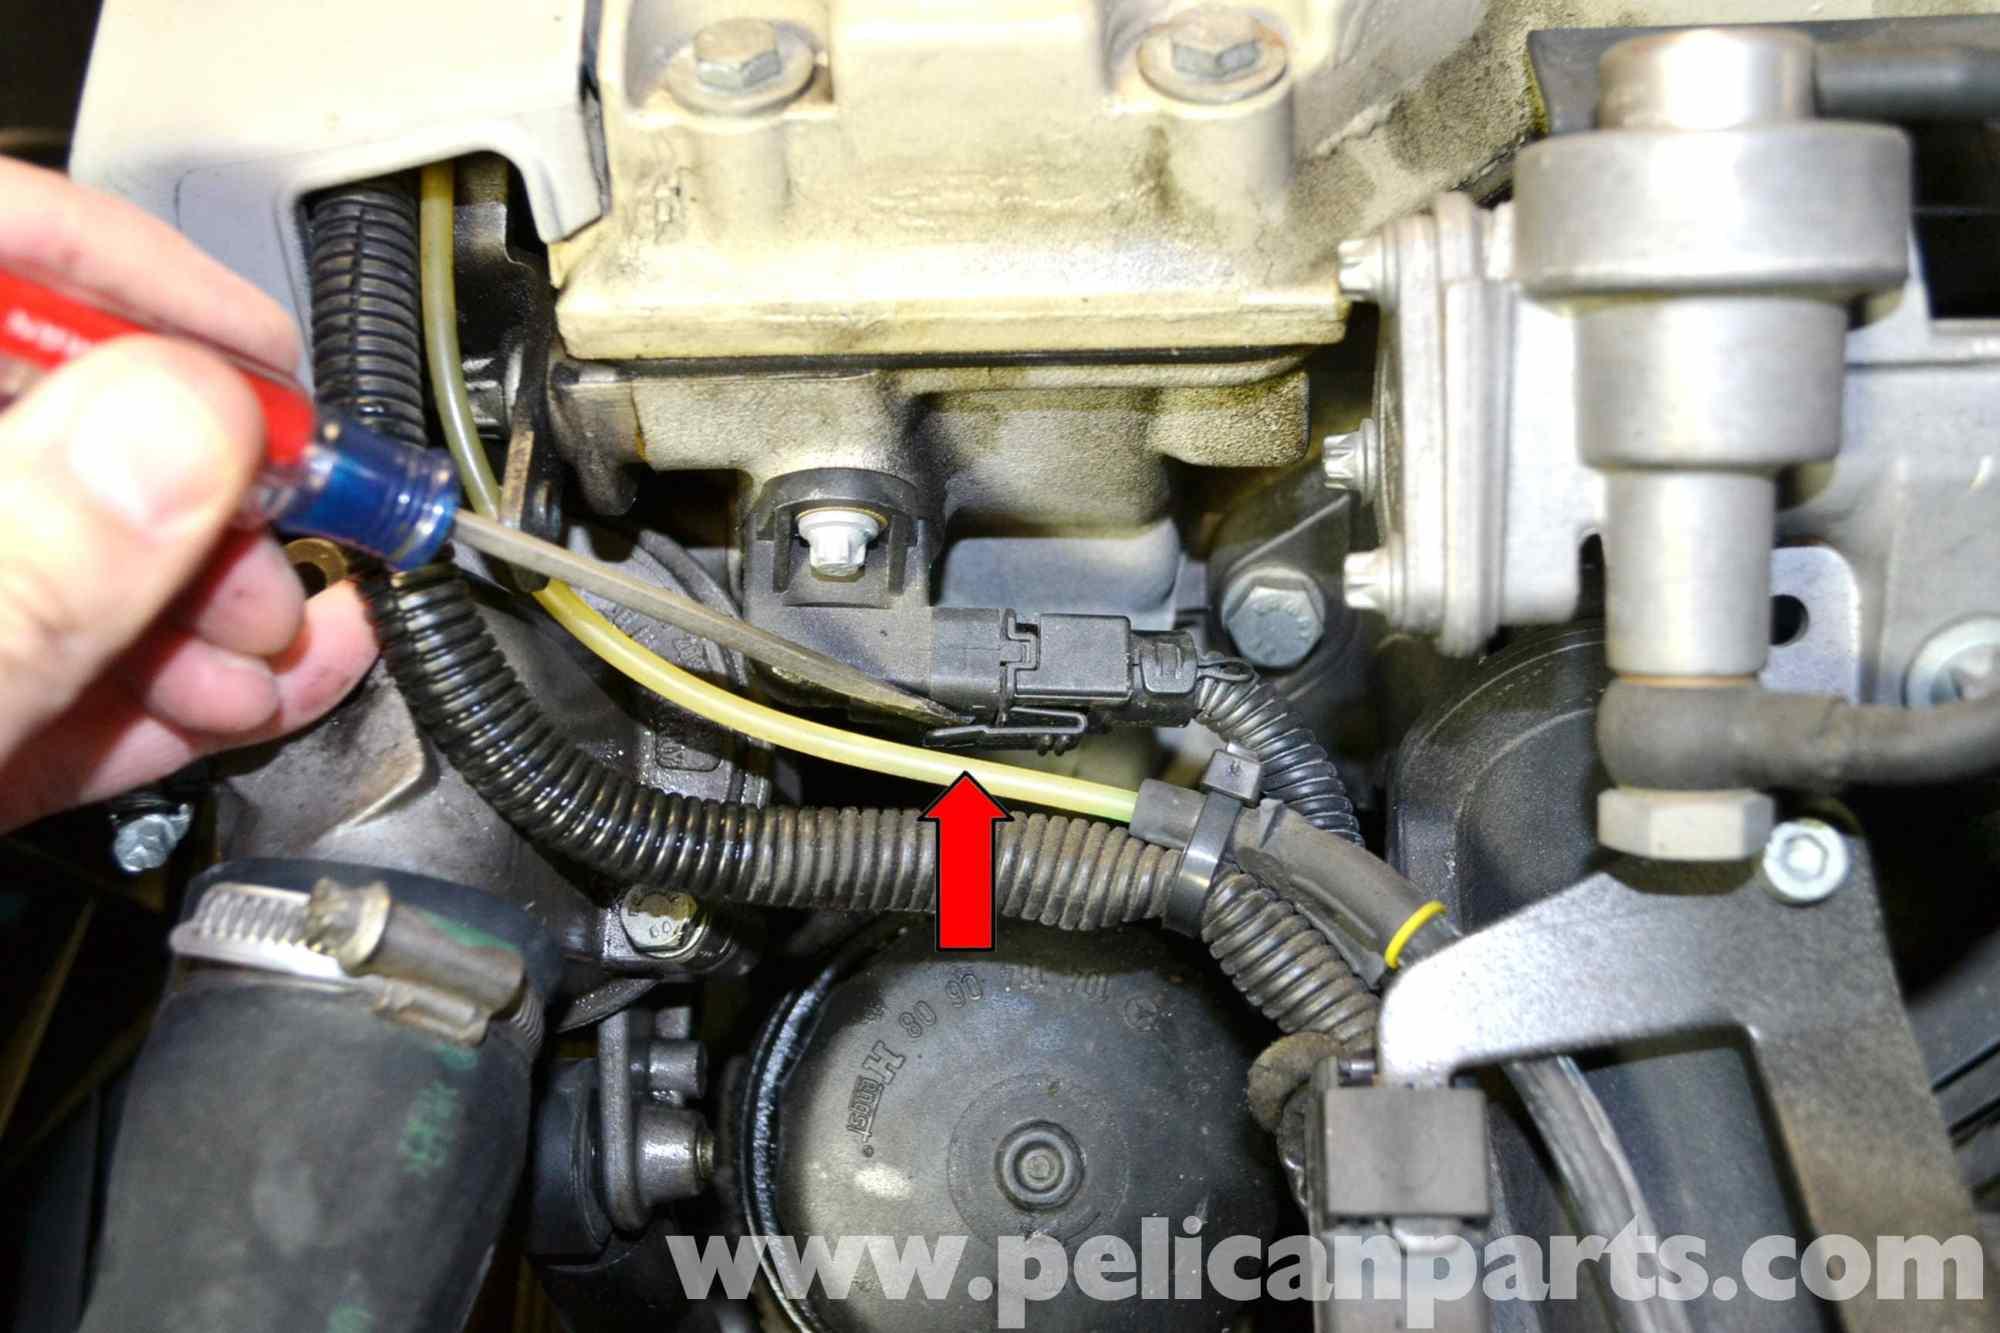 hight resolution of mercedes slk 230 engine diagram wiring librarymercedes slk 230 engine diagram 17